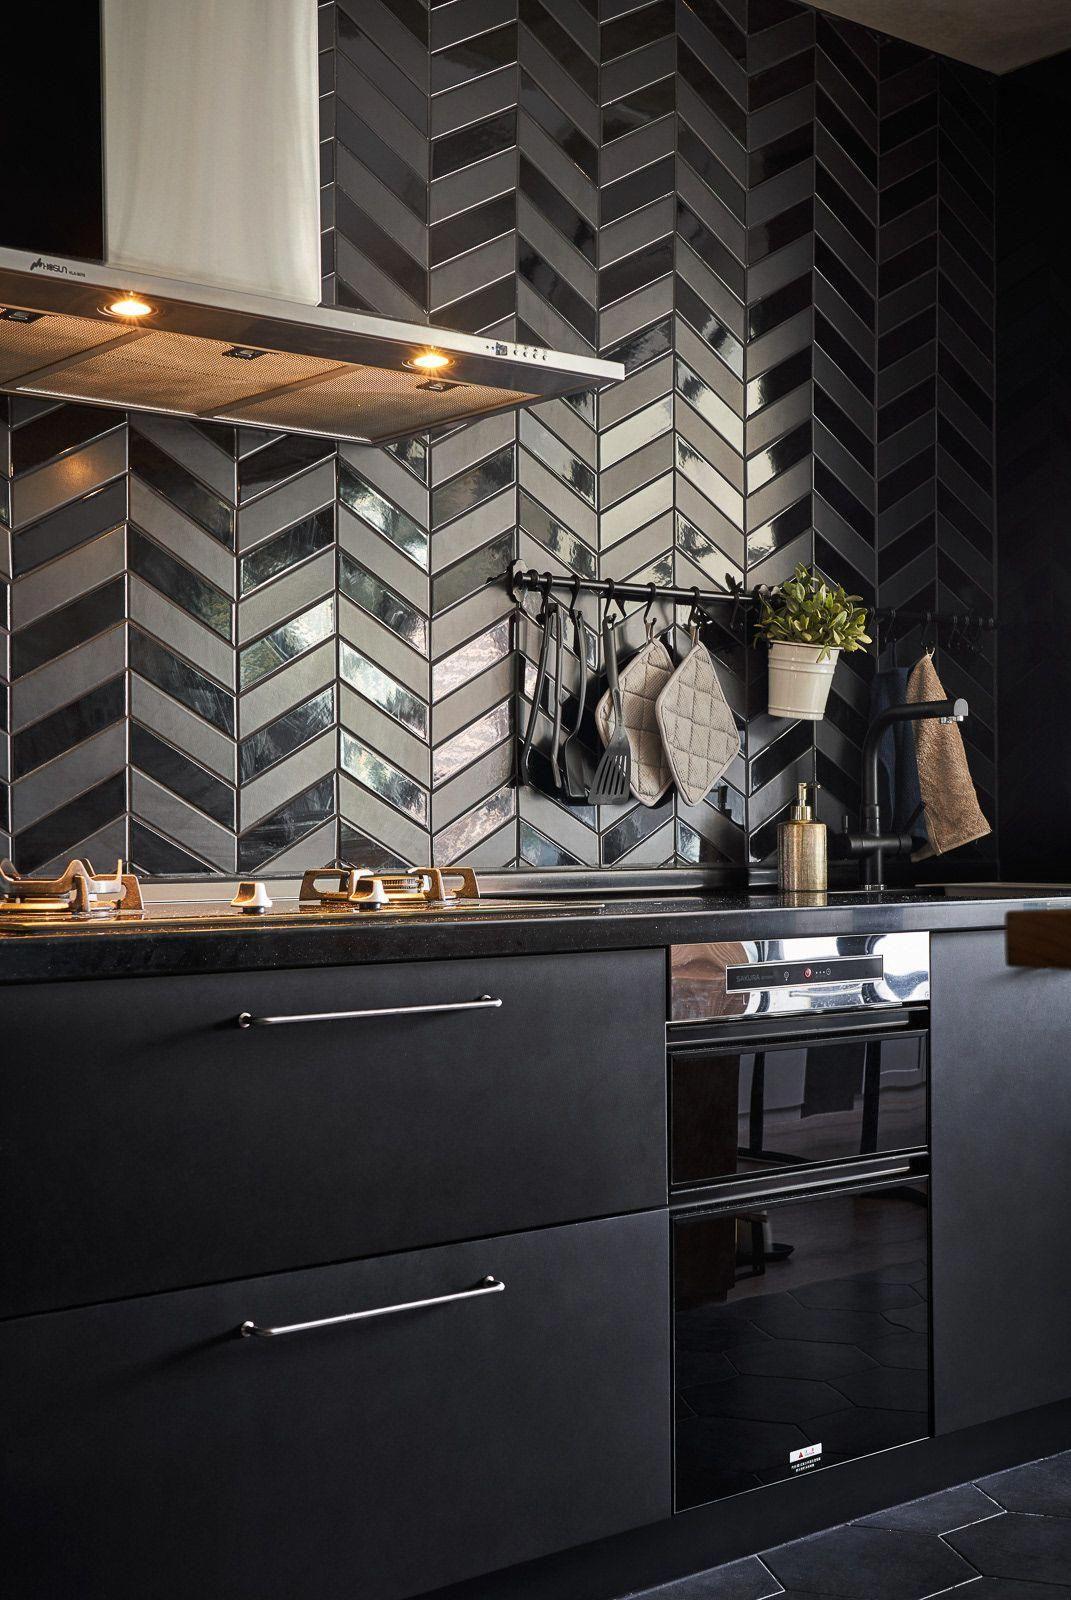 Kitchen Interior Design Bangladesh Kitcheninteriordesign White Interior Design Loft Apartment Decorating Interior Design Kitchen